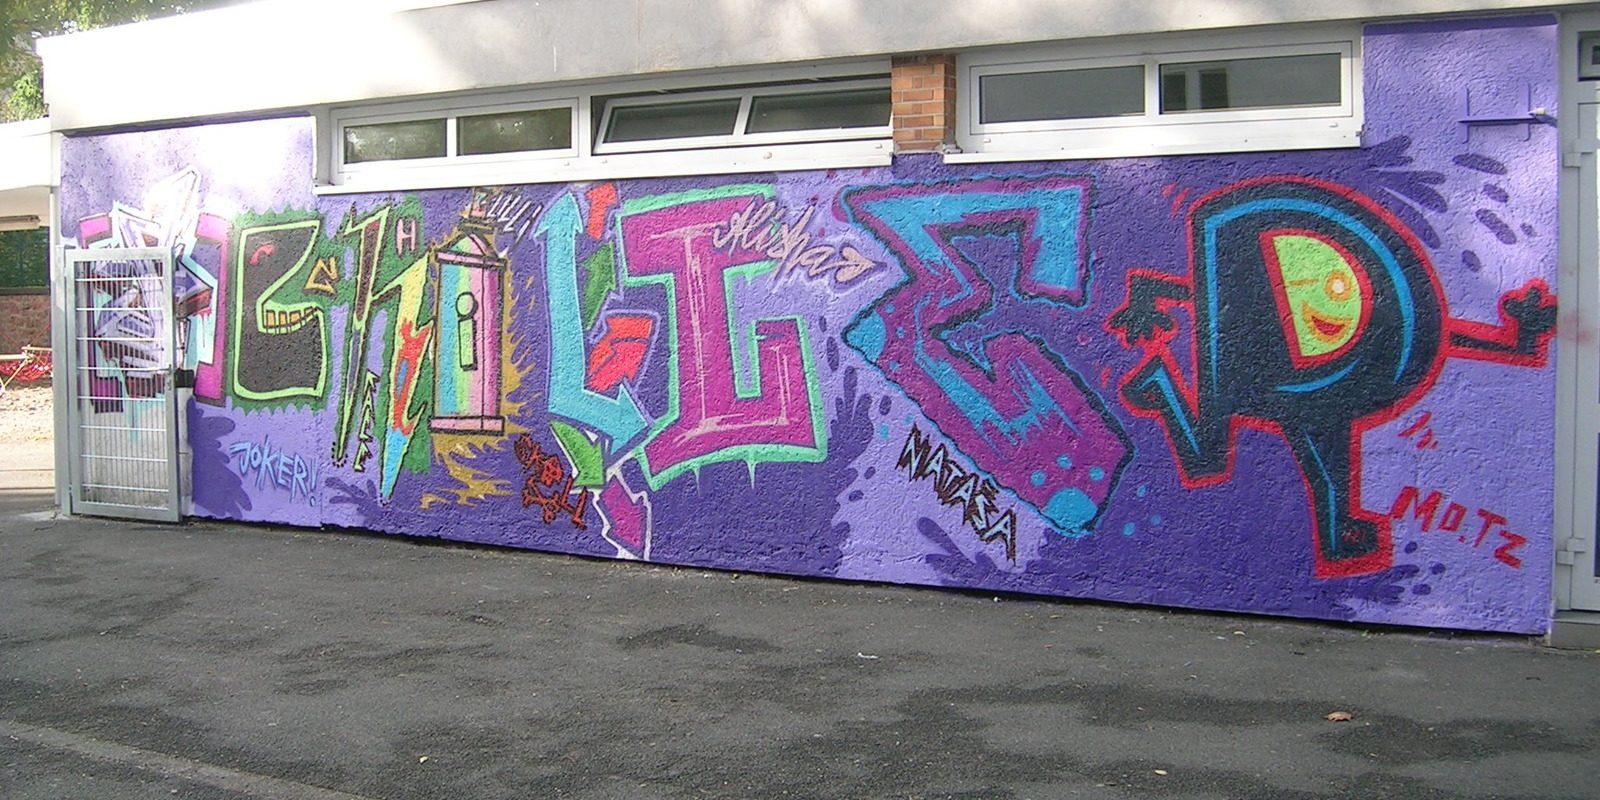 graffitiauftrag_graffitikuenstler_graffitikids_artmos4_schiller_schule_event_graffiti_offenbach_11